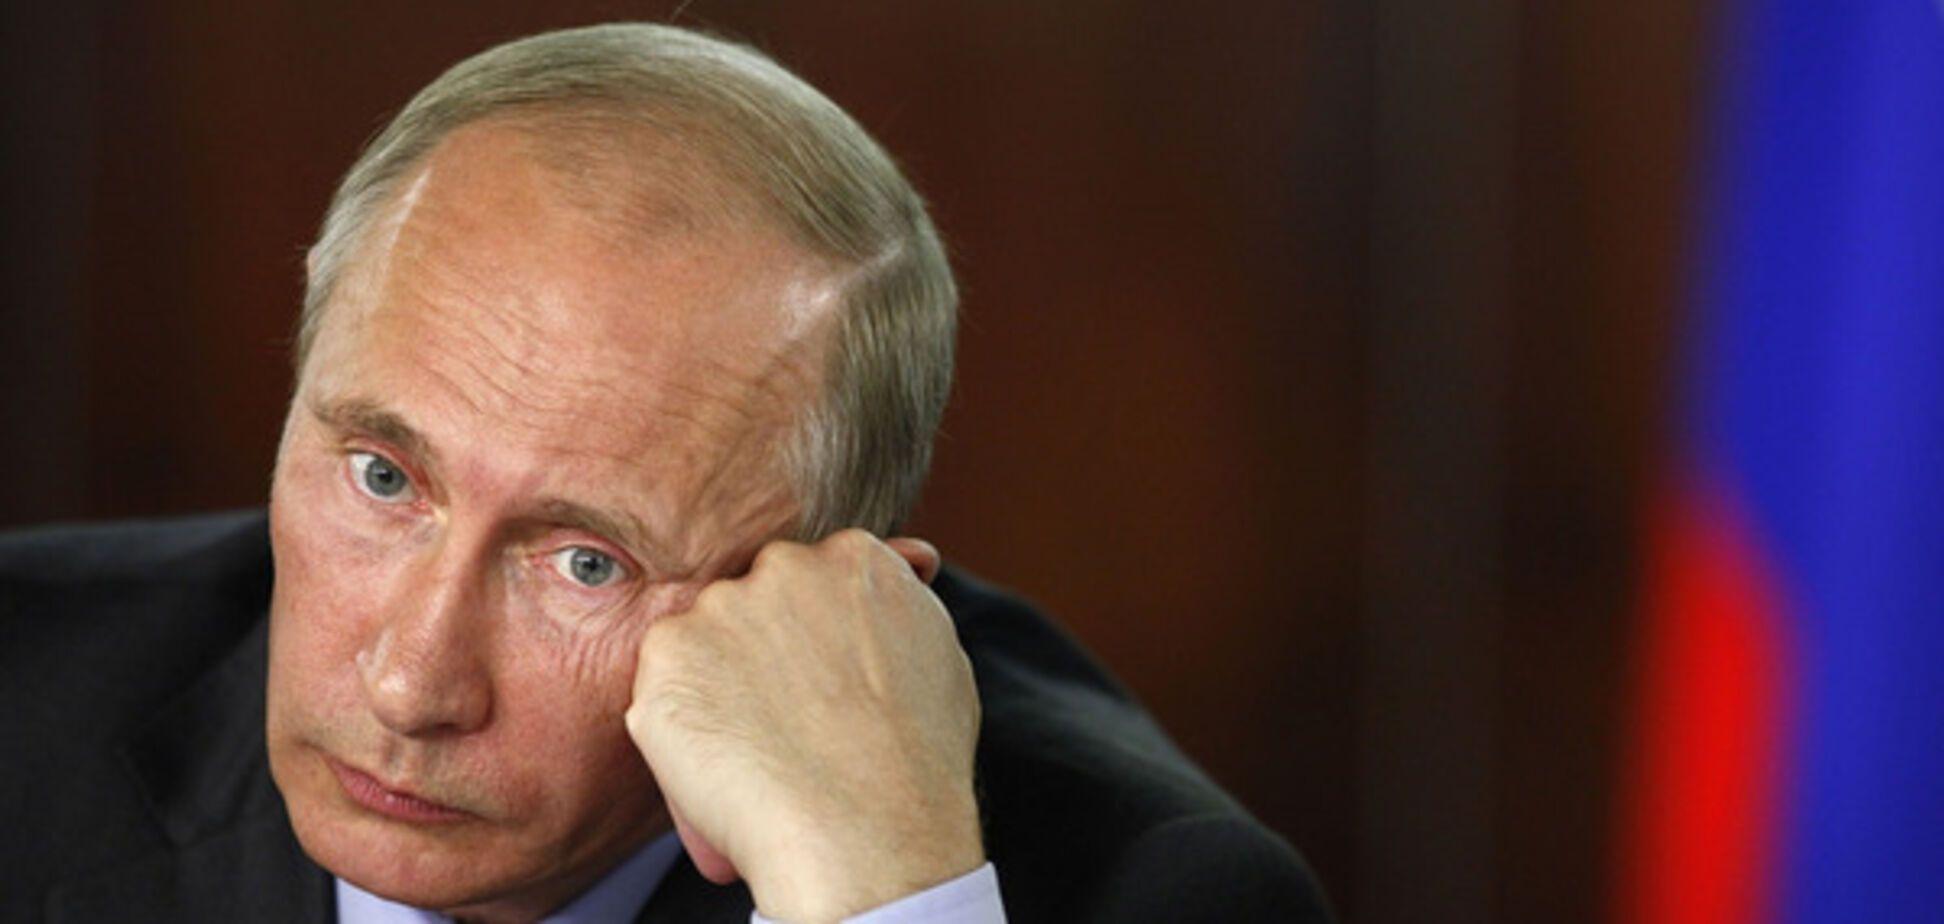 'Знову обіс*алися': в соцмережі хвиля жартів на адресу Путіна і його систем захисту баз Асада